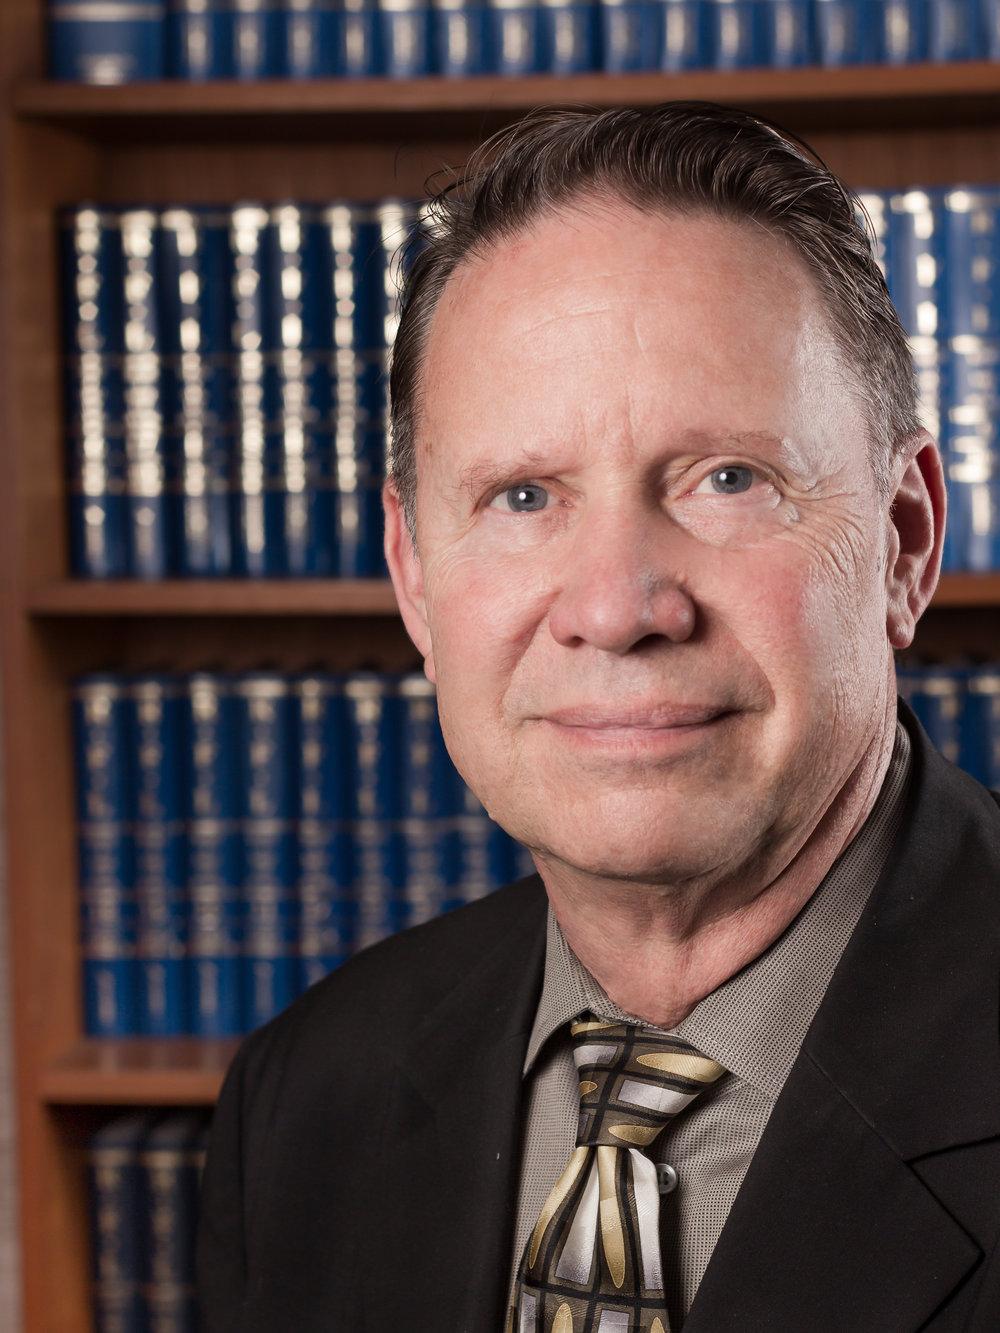 Brent J. Kitzke